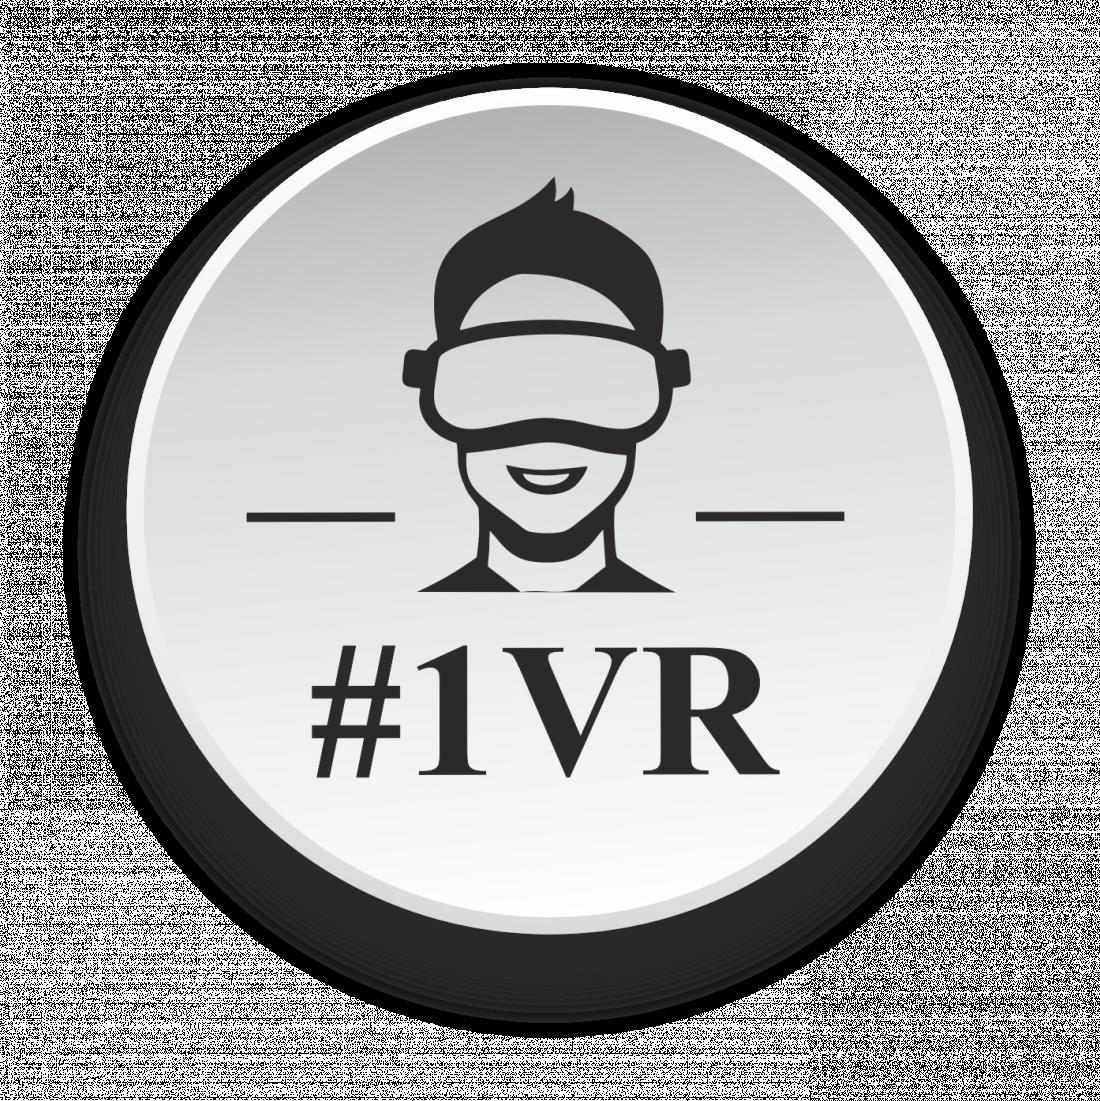 """Сеанс виртуальной реальности от 2 руб, детские, взрослые праздники от 60 руб. в """"1КЛУБе VR"""""""